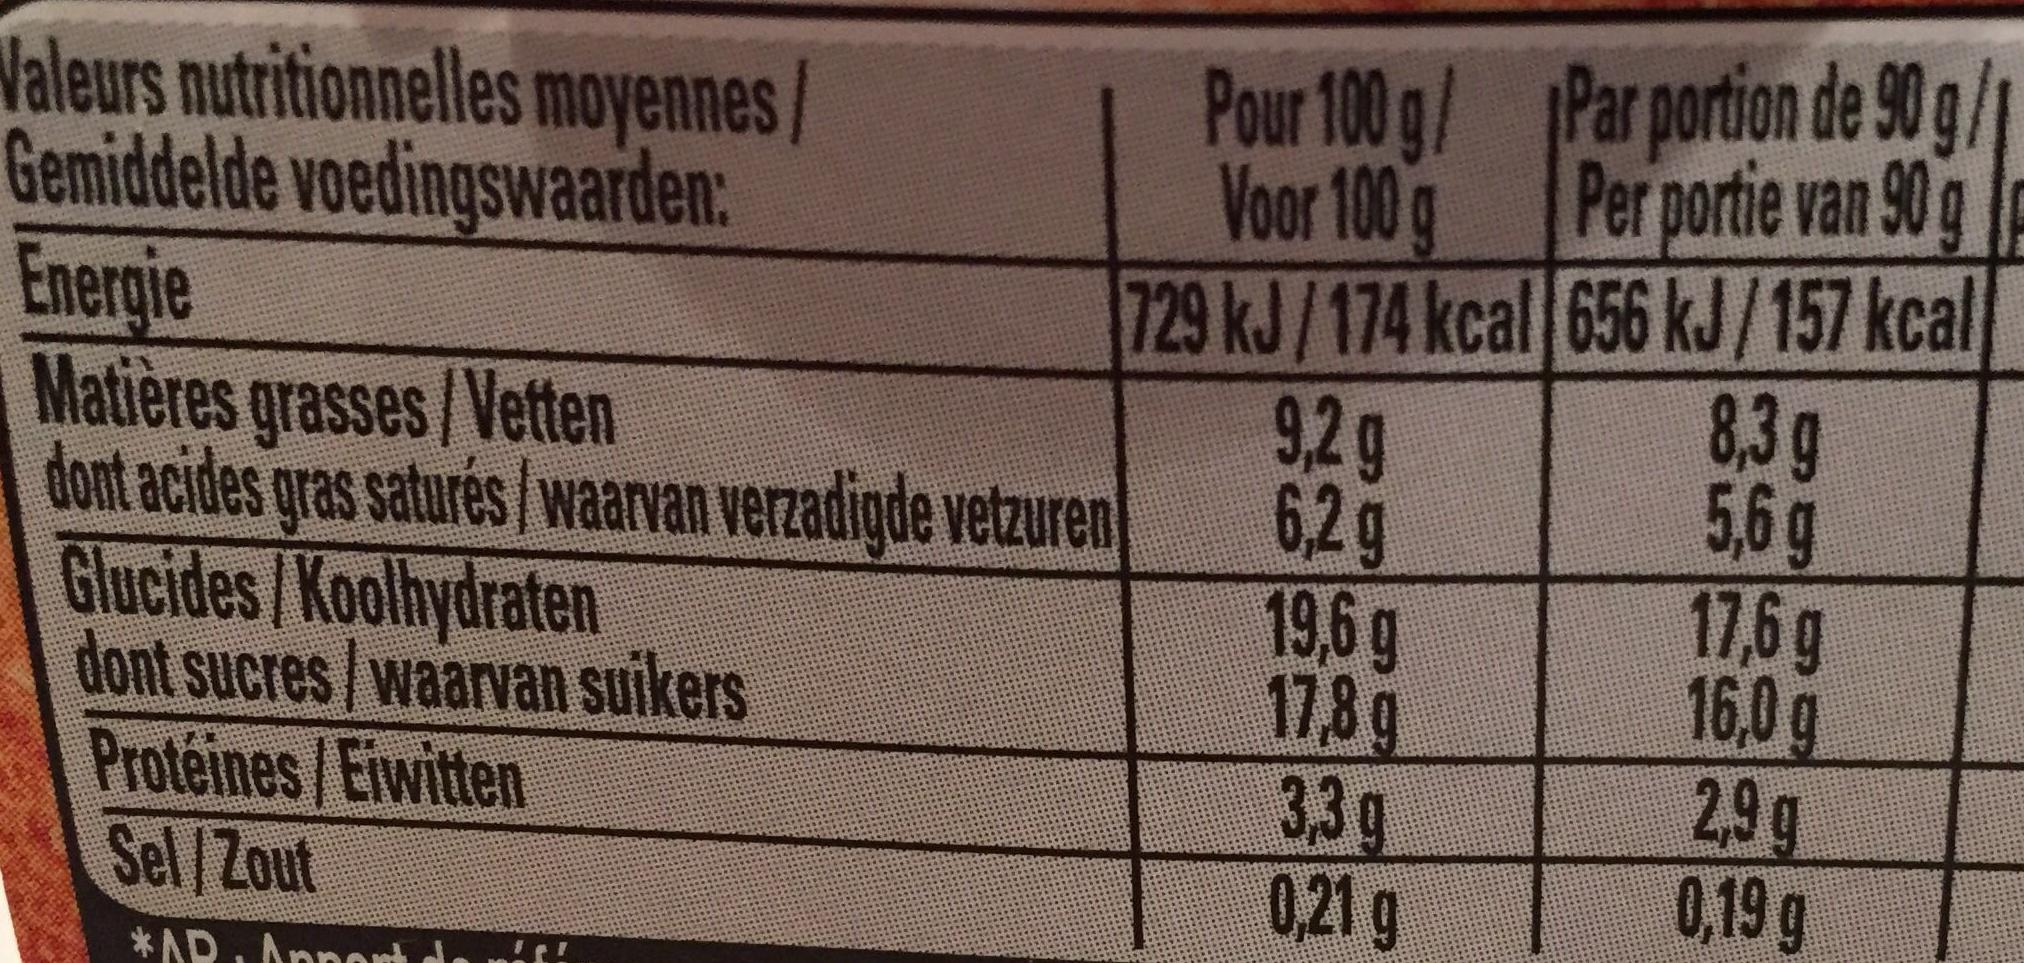 Mousse de Viennois (4 Caramel) - Nutrition facts